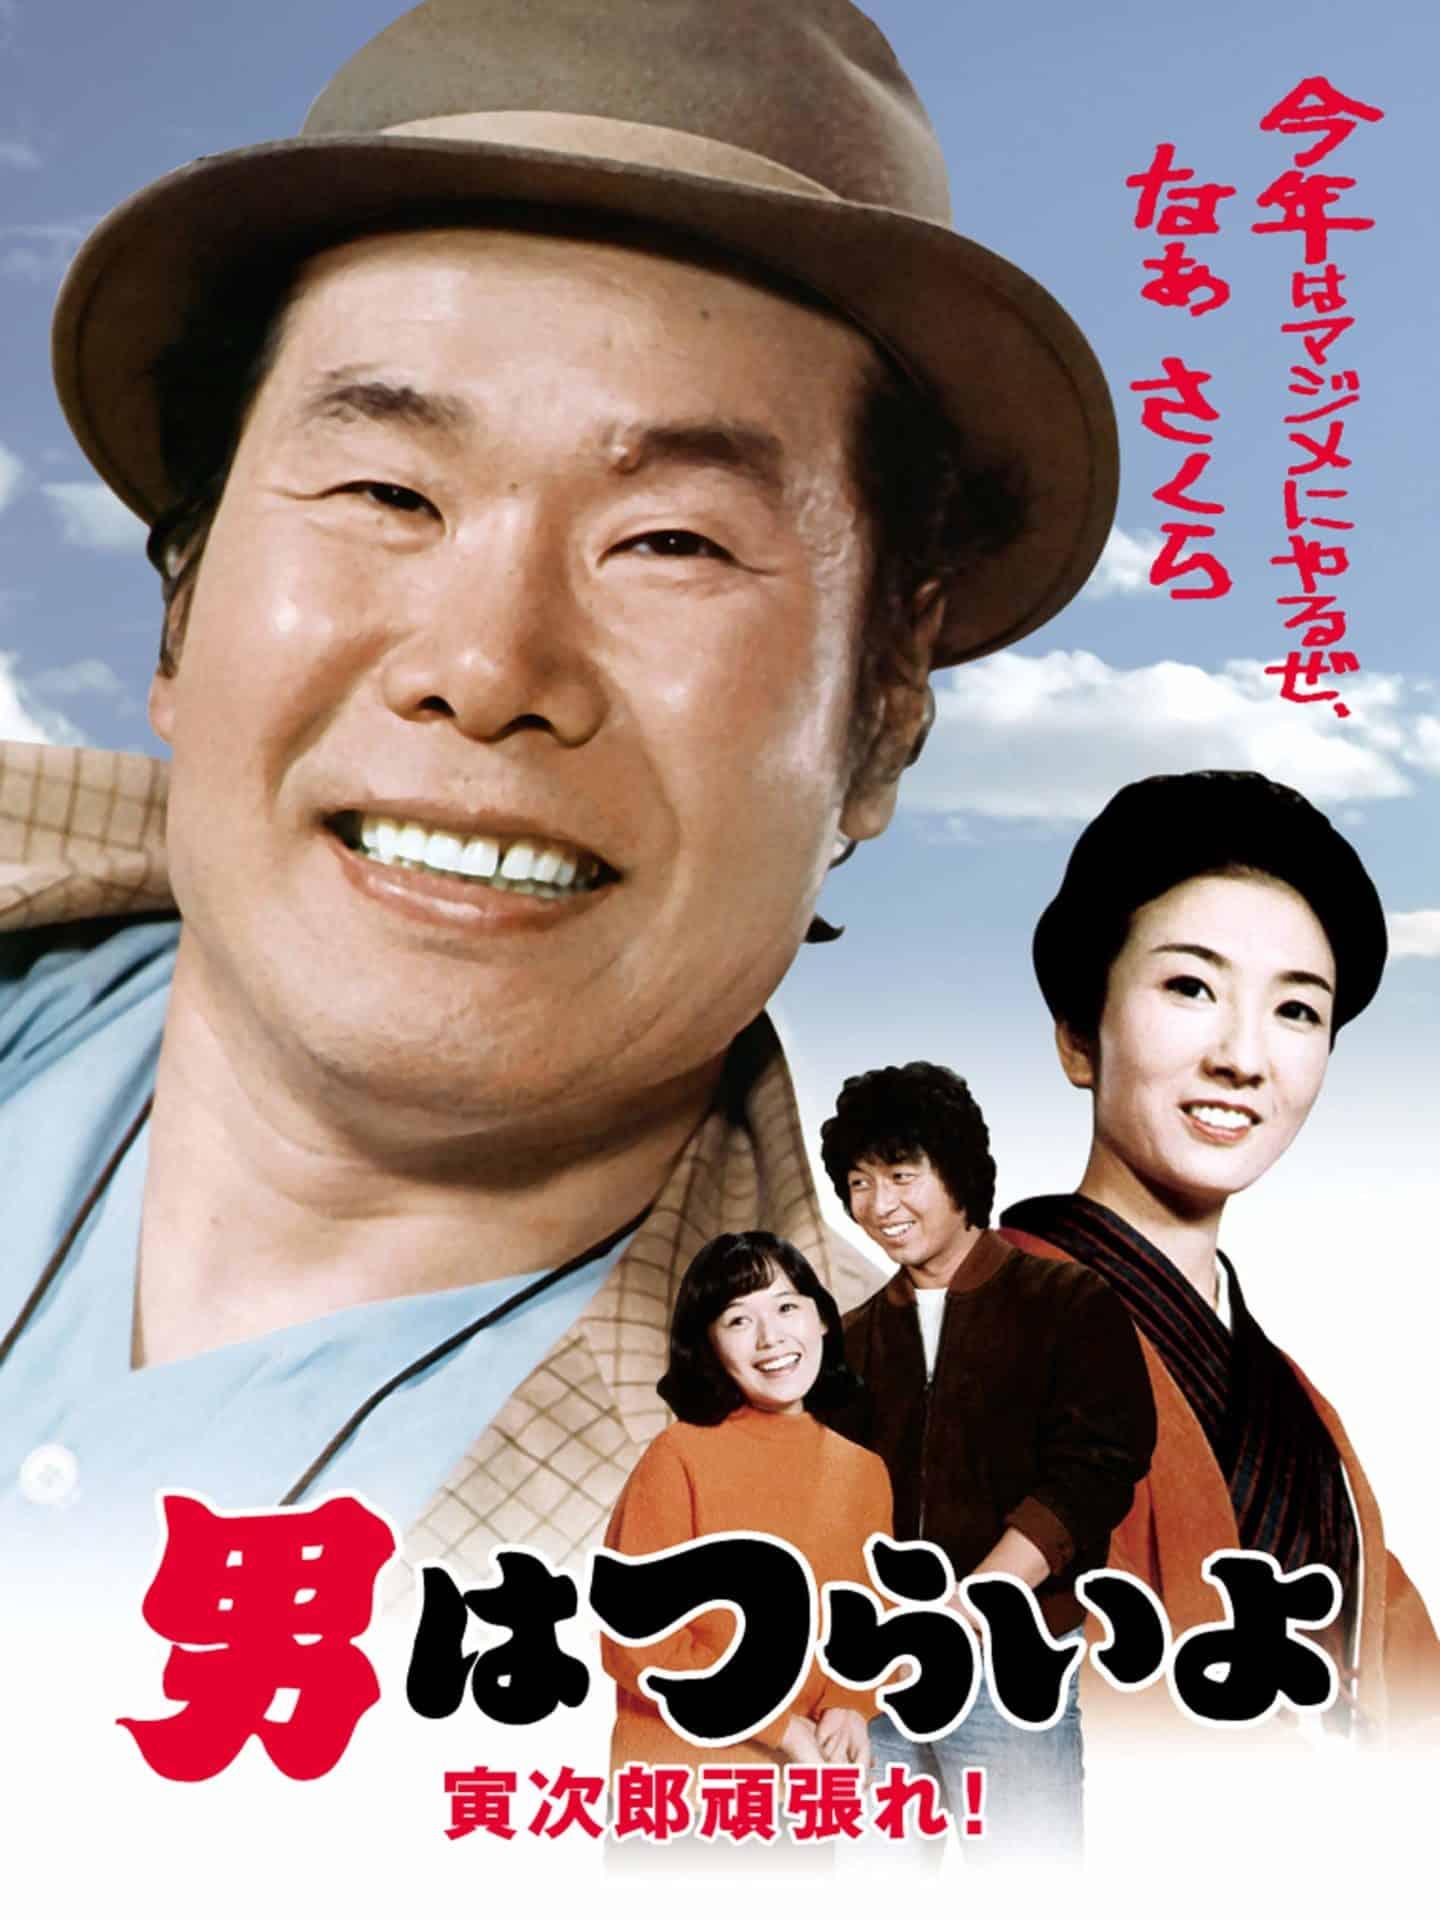 主人公の俳優が変わらない世界最長の映画シリーズは「男はつらいよ」、という雑学